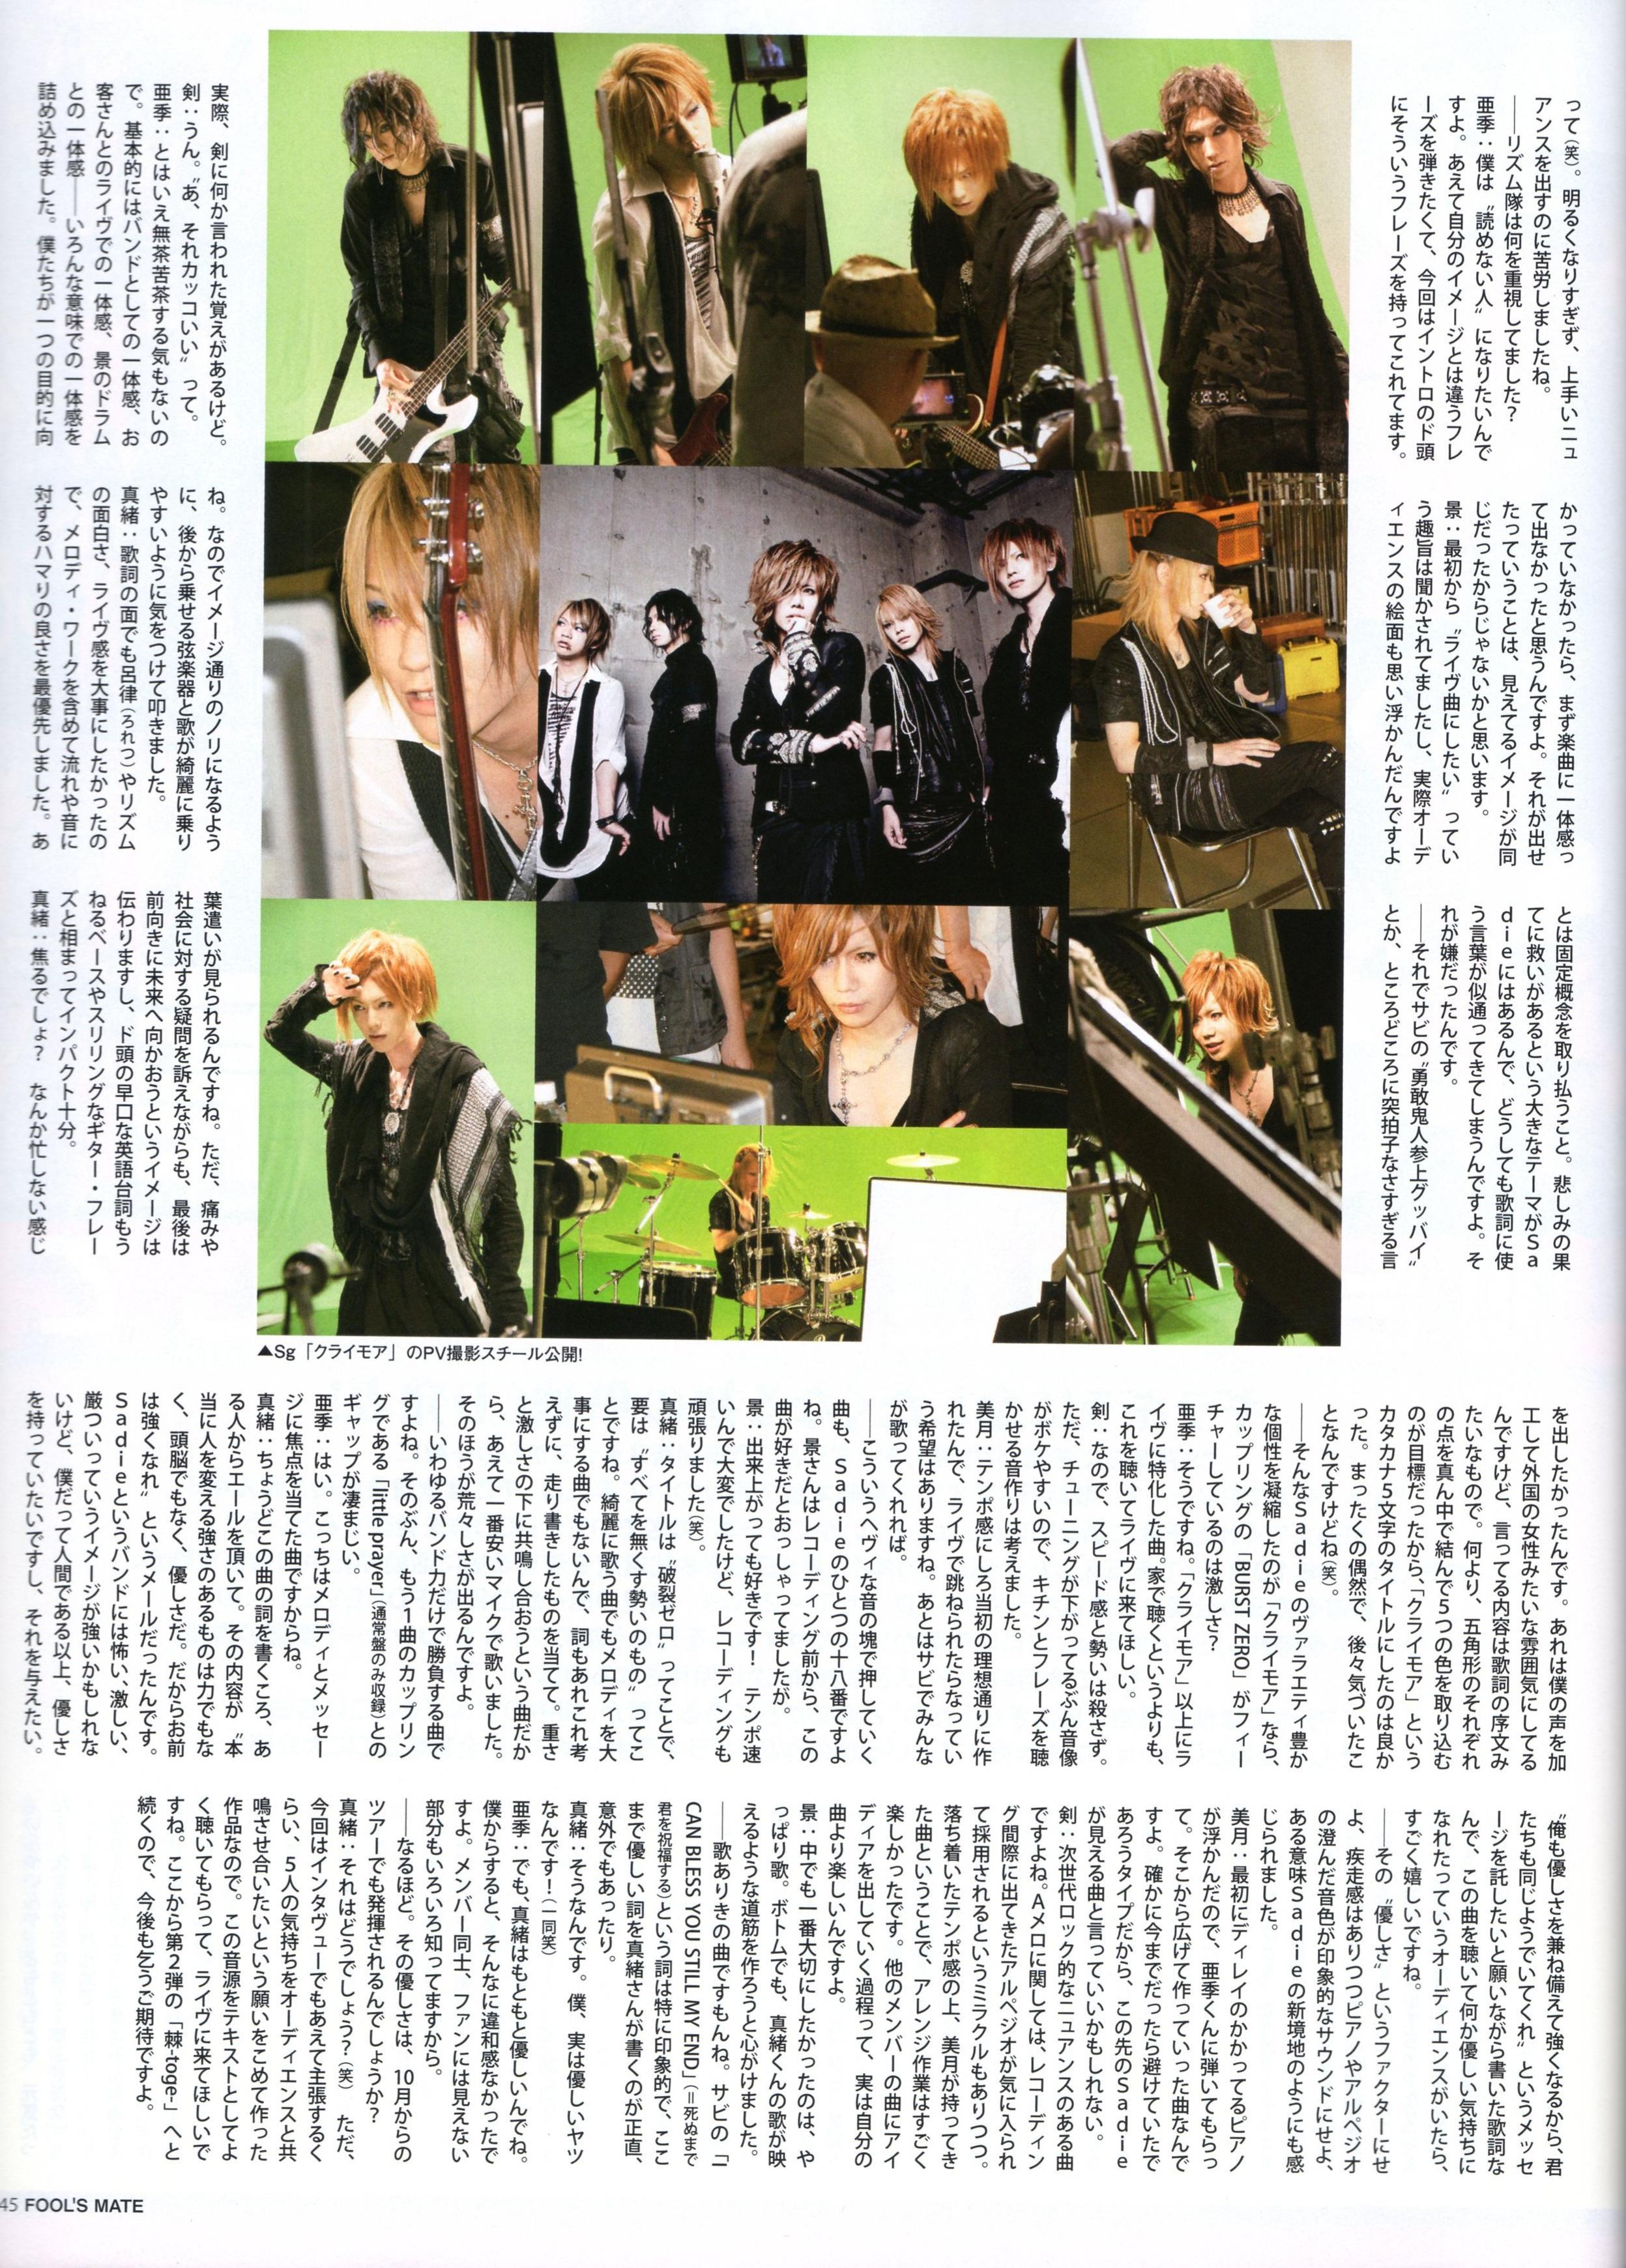 http://pics.livejournal.com/dirudai915/pic/000116kk